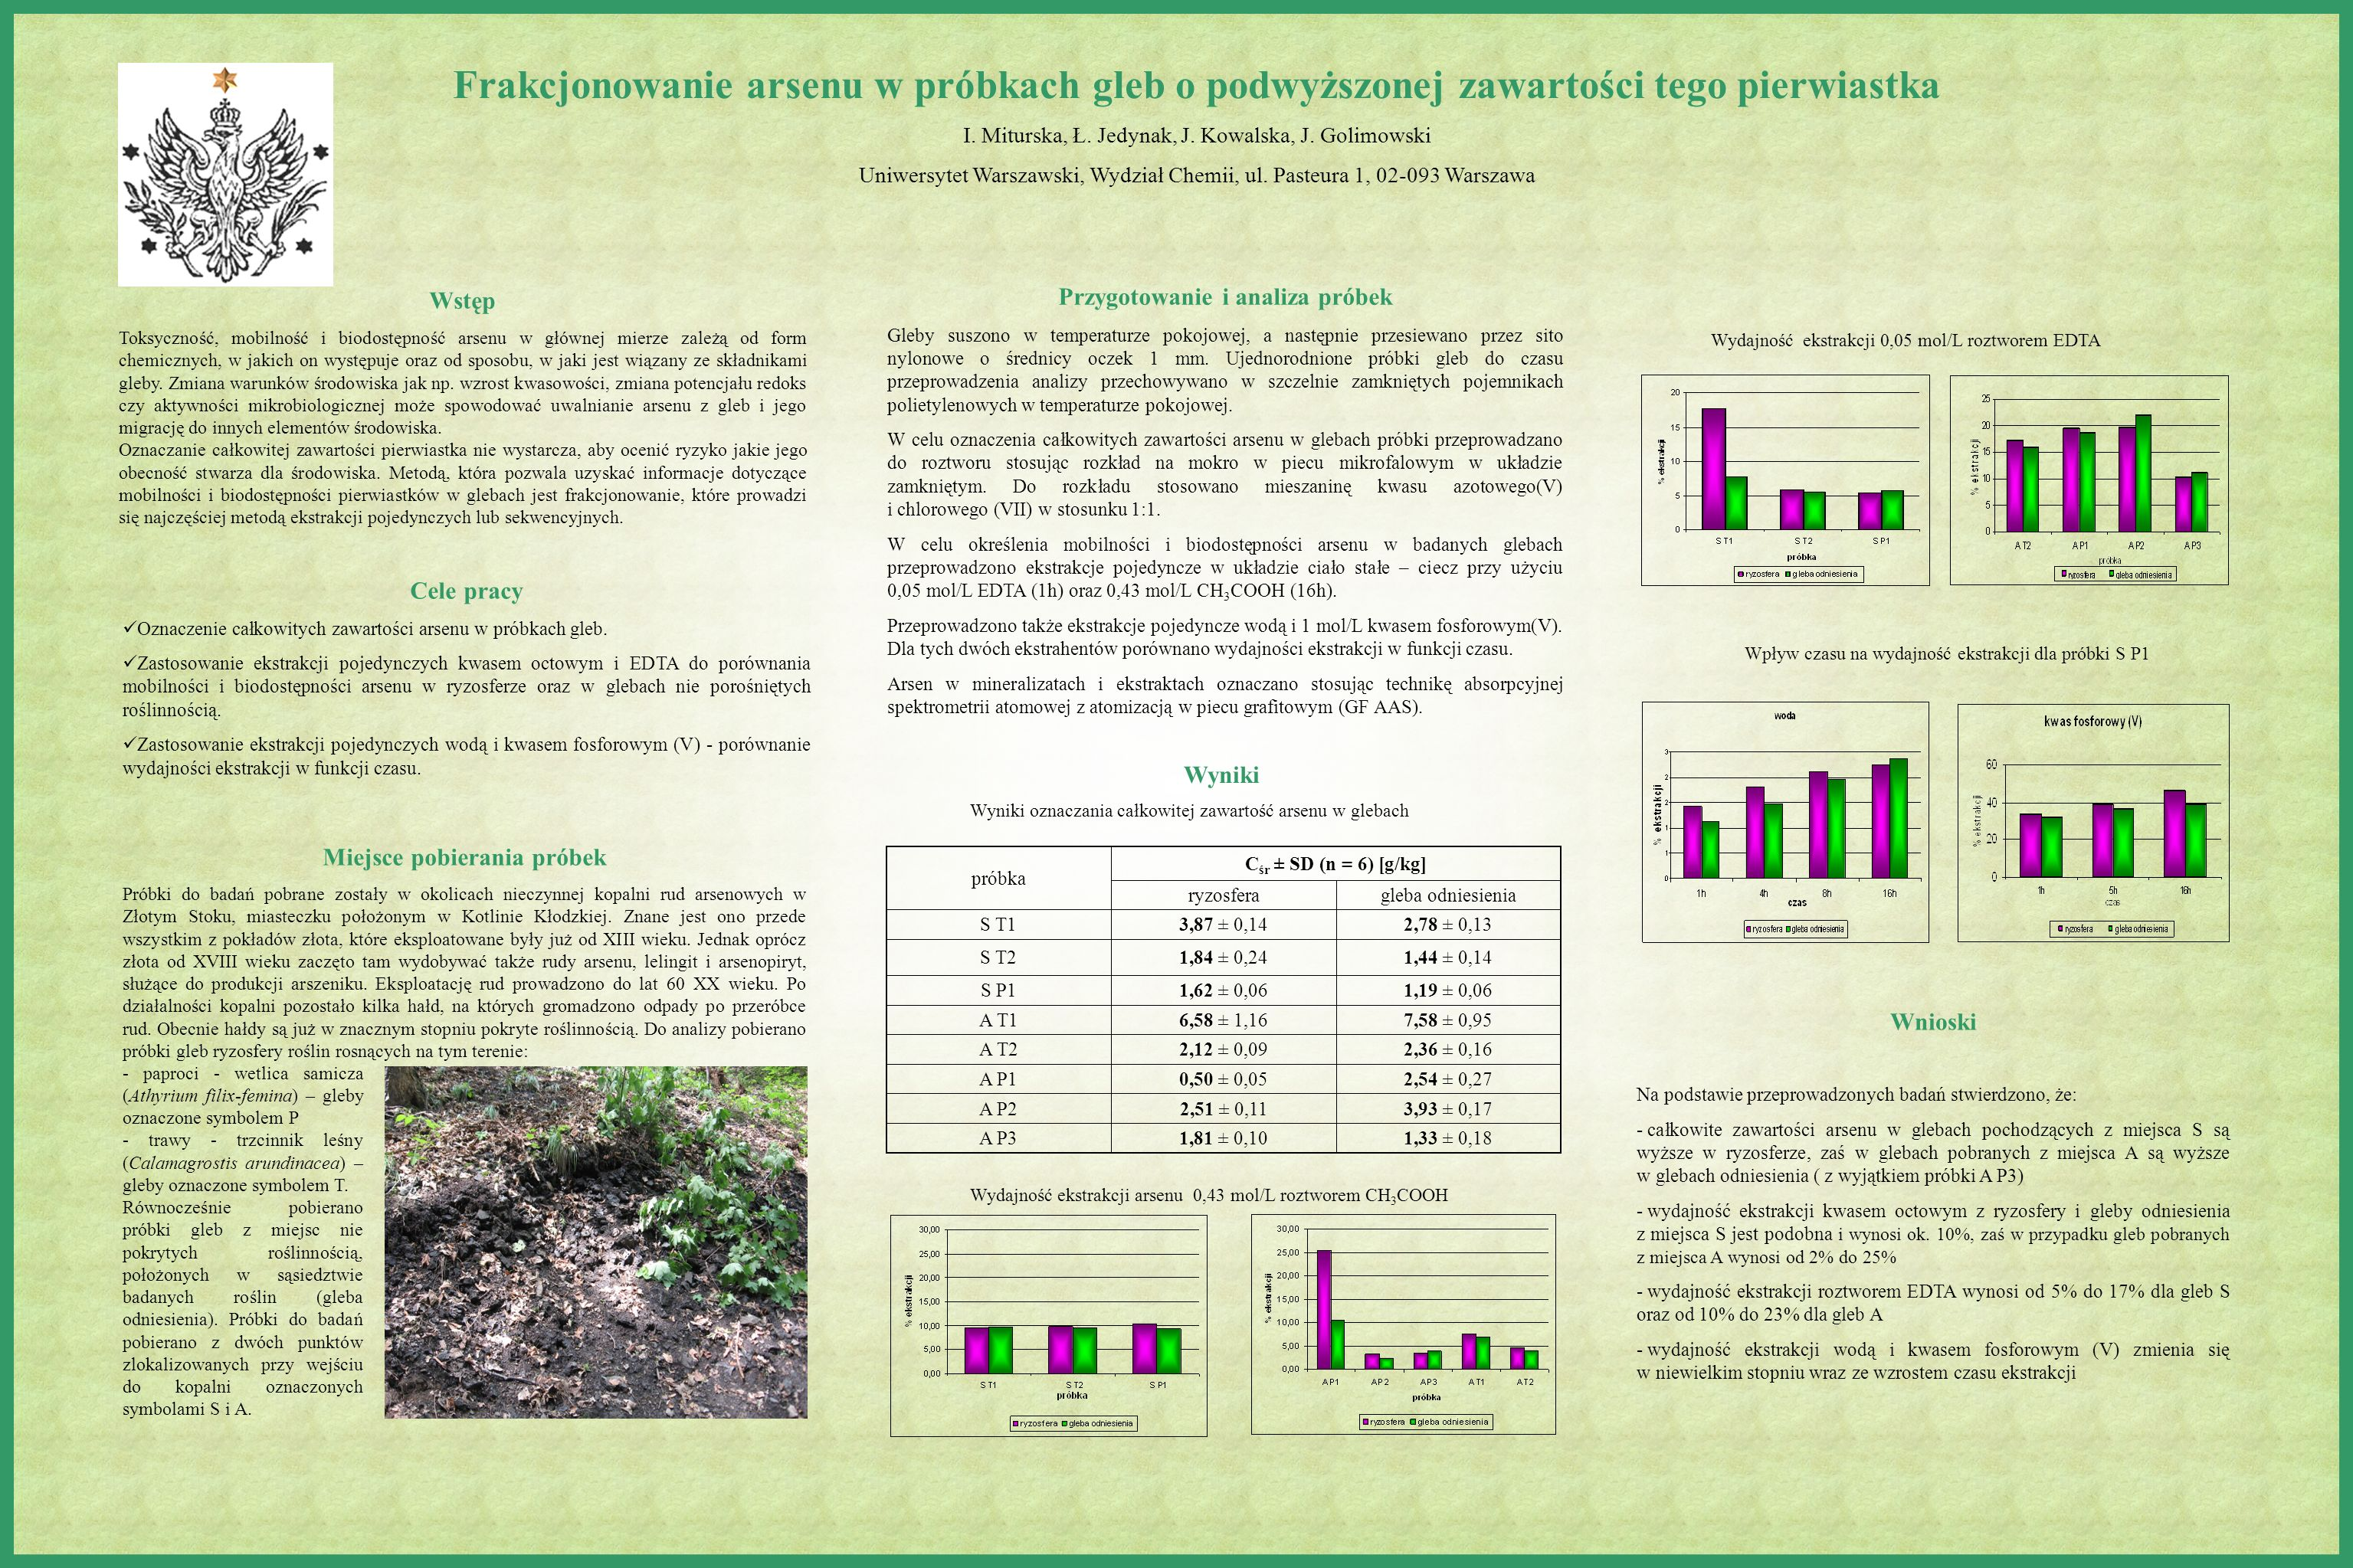 Frakcjonowanie arsenu w próbkach gleb o podwyższonej zawartości tego pierwiastka I.